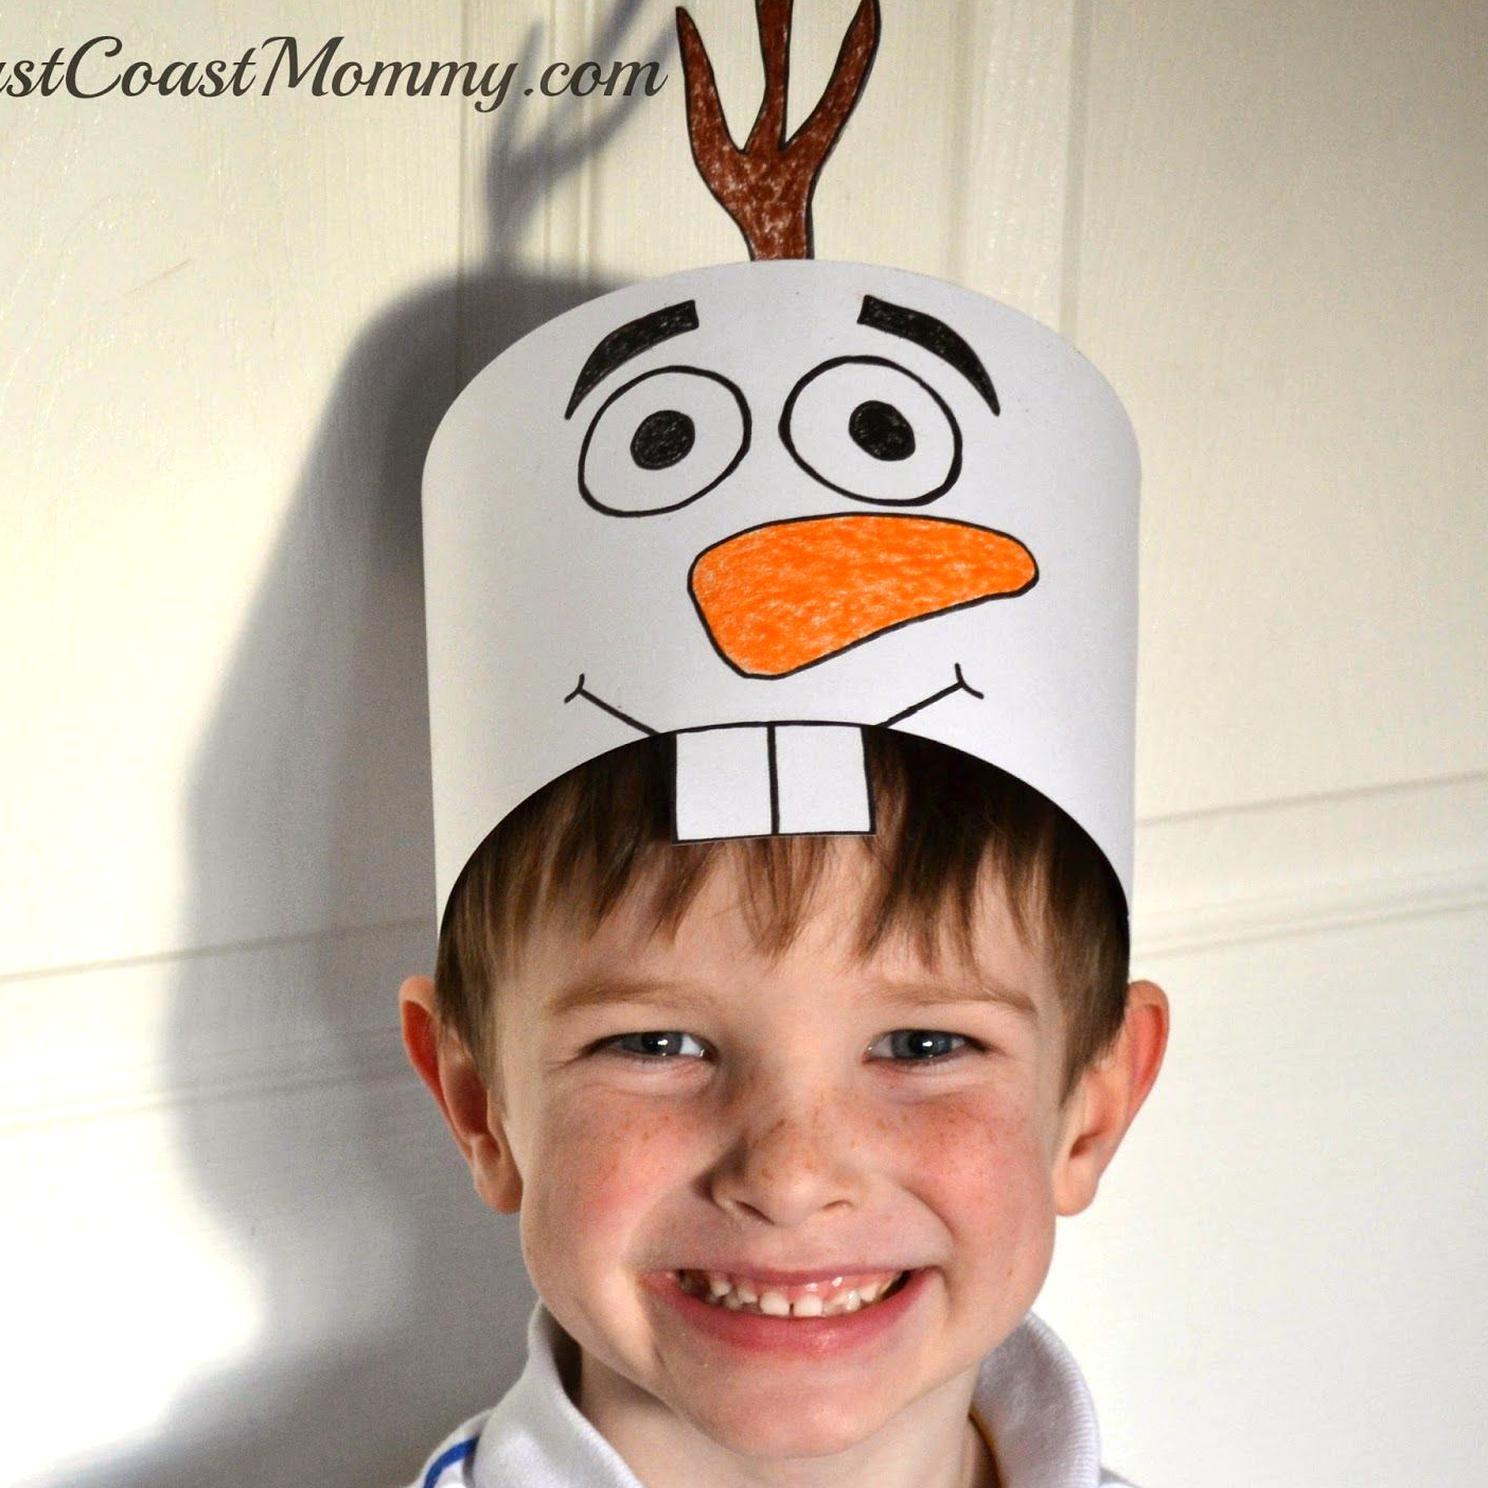 East Coast Mommy Diy Olaf Costume In 2020 Olaf Costume Diy Olaf